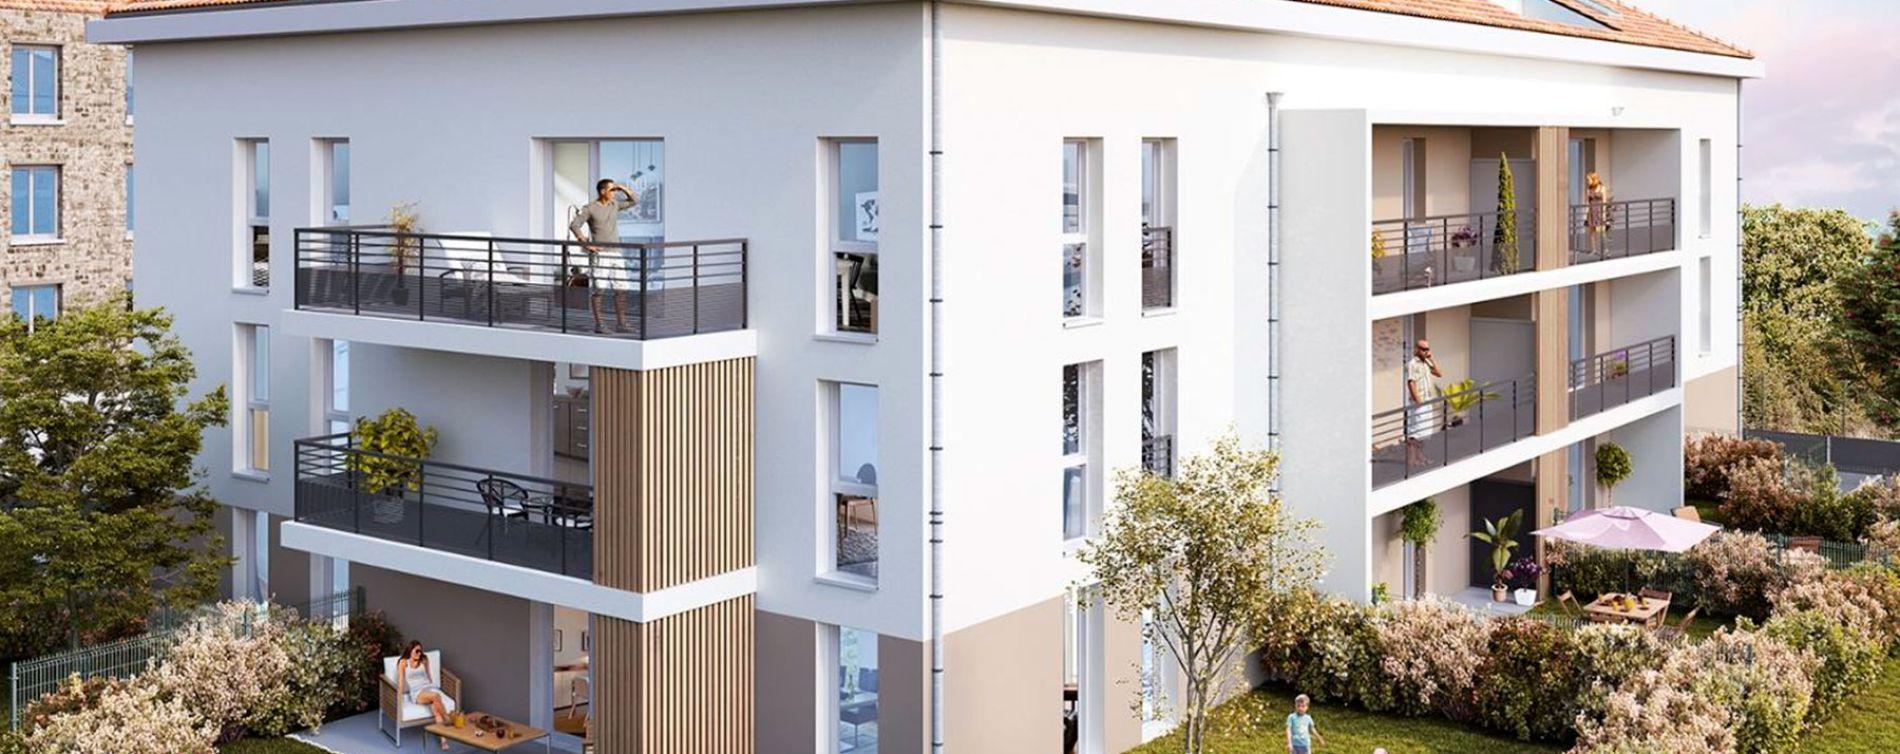 Résidence Reflet de Rives à Bourgoin-Jallieu